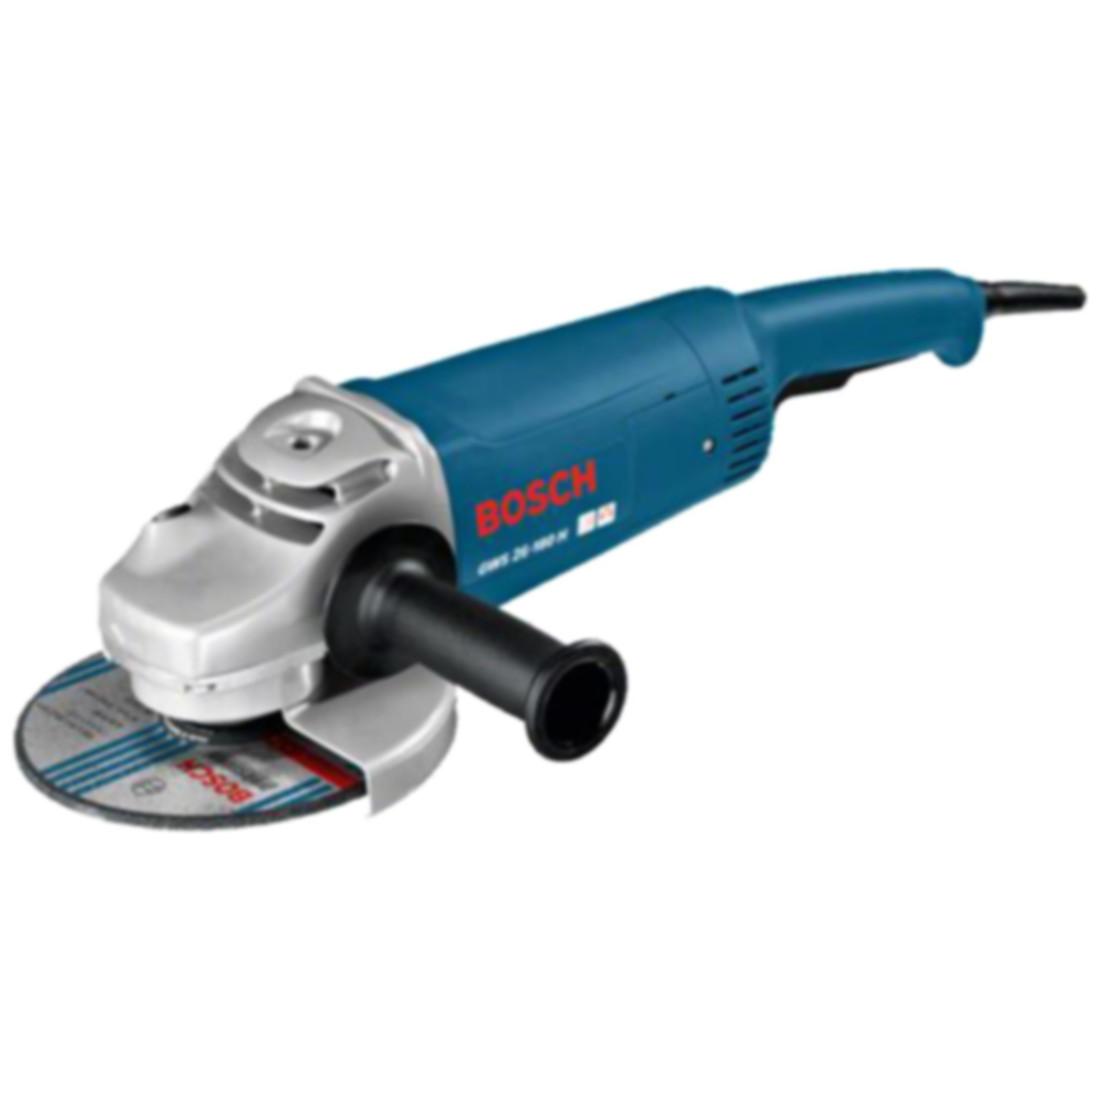 GWS 26-180 H Professional